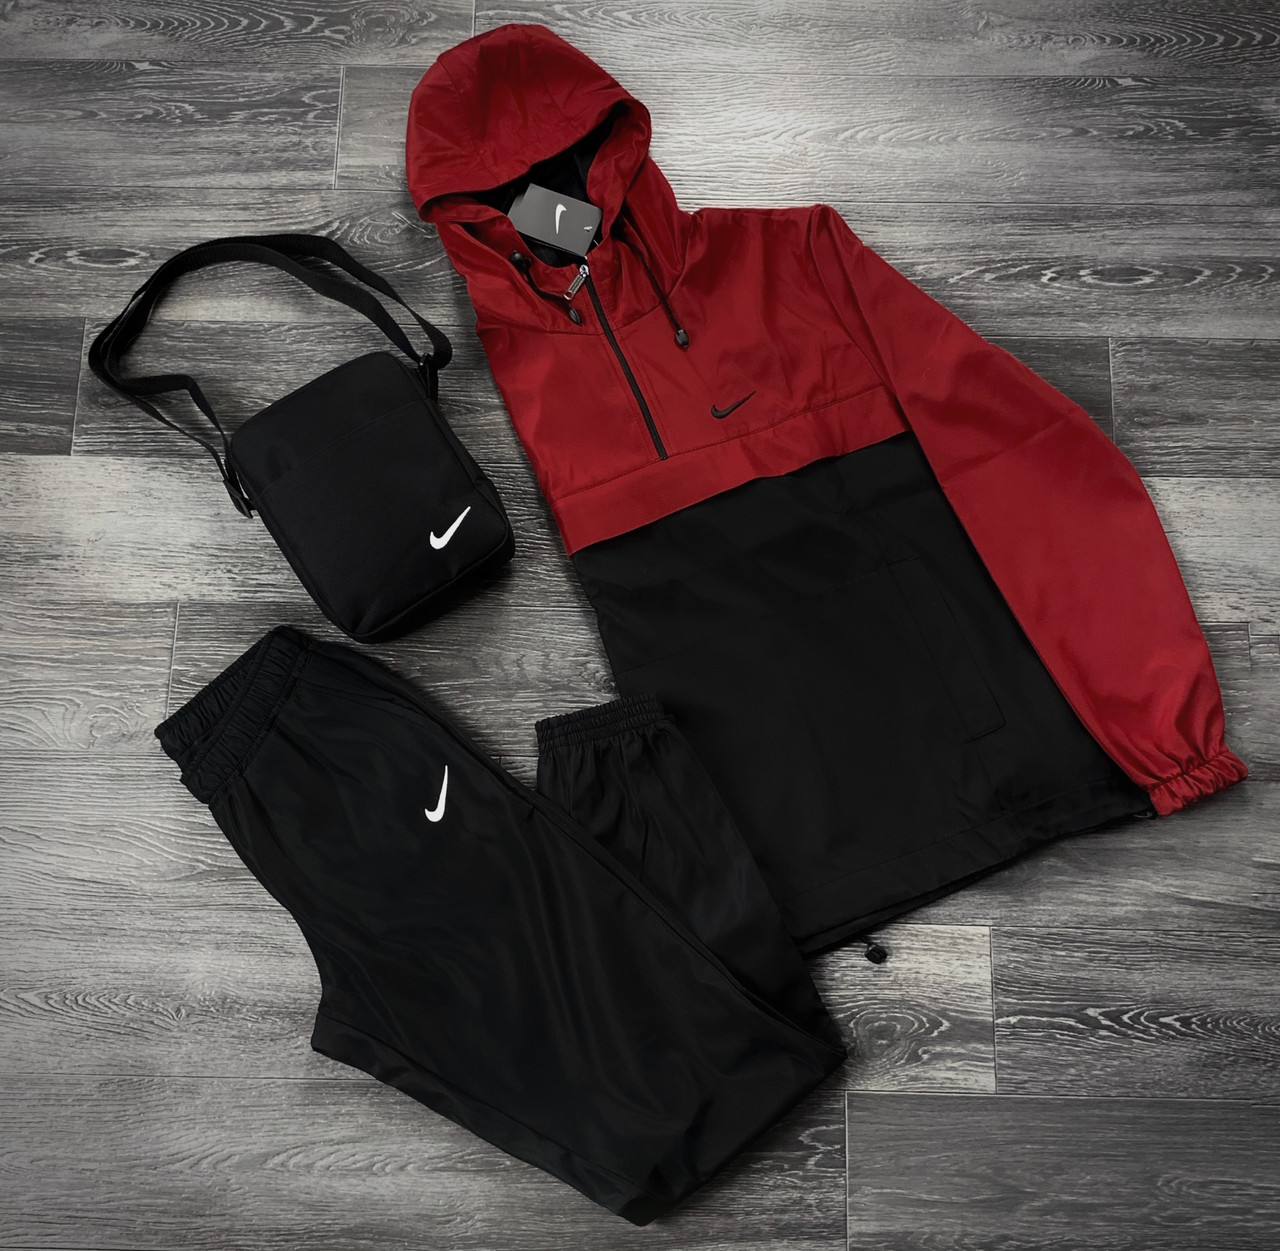 Комплект Анорак + Штаны President Nike Реплика S Красно-черный (1586951792)